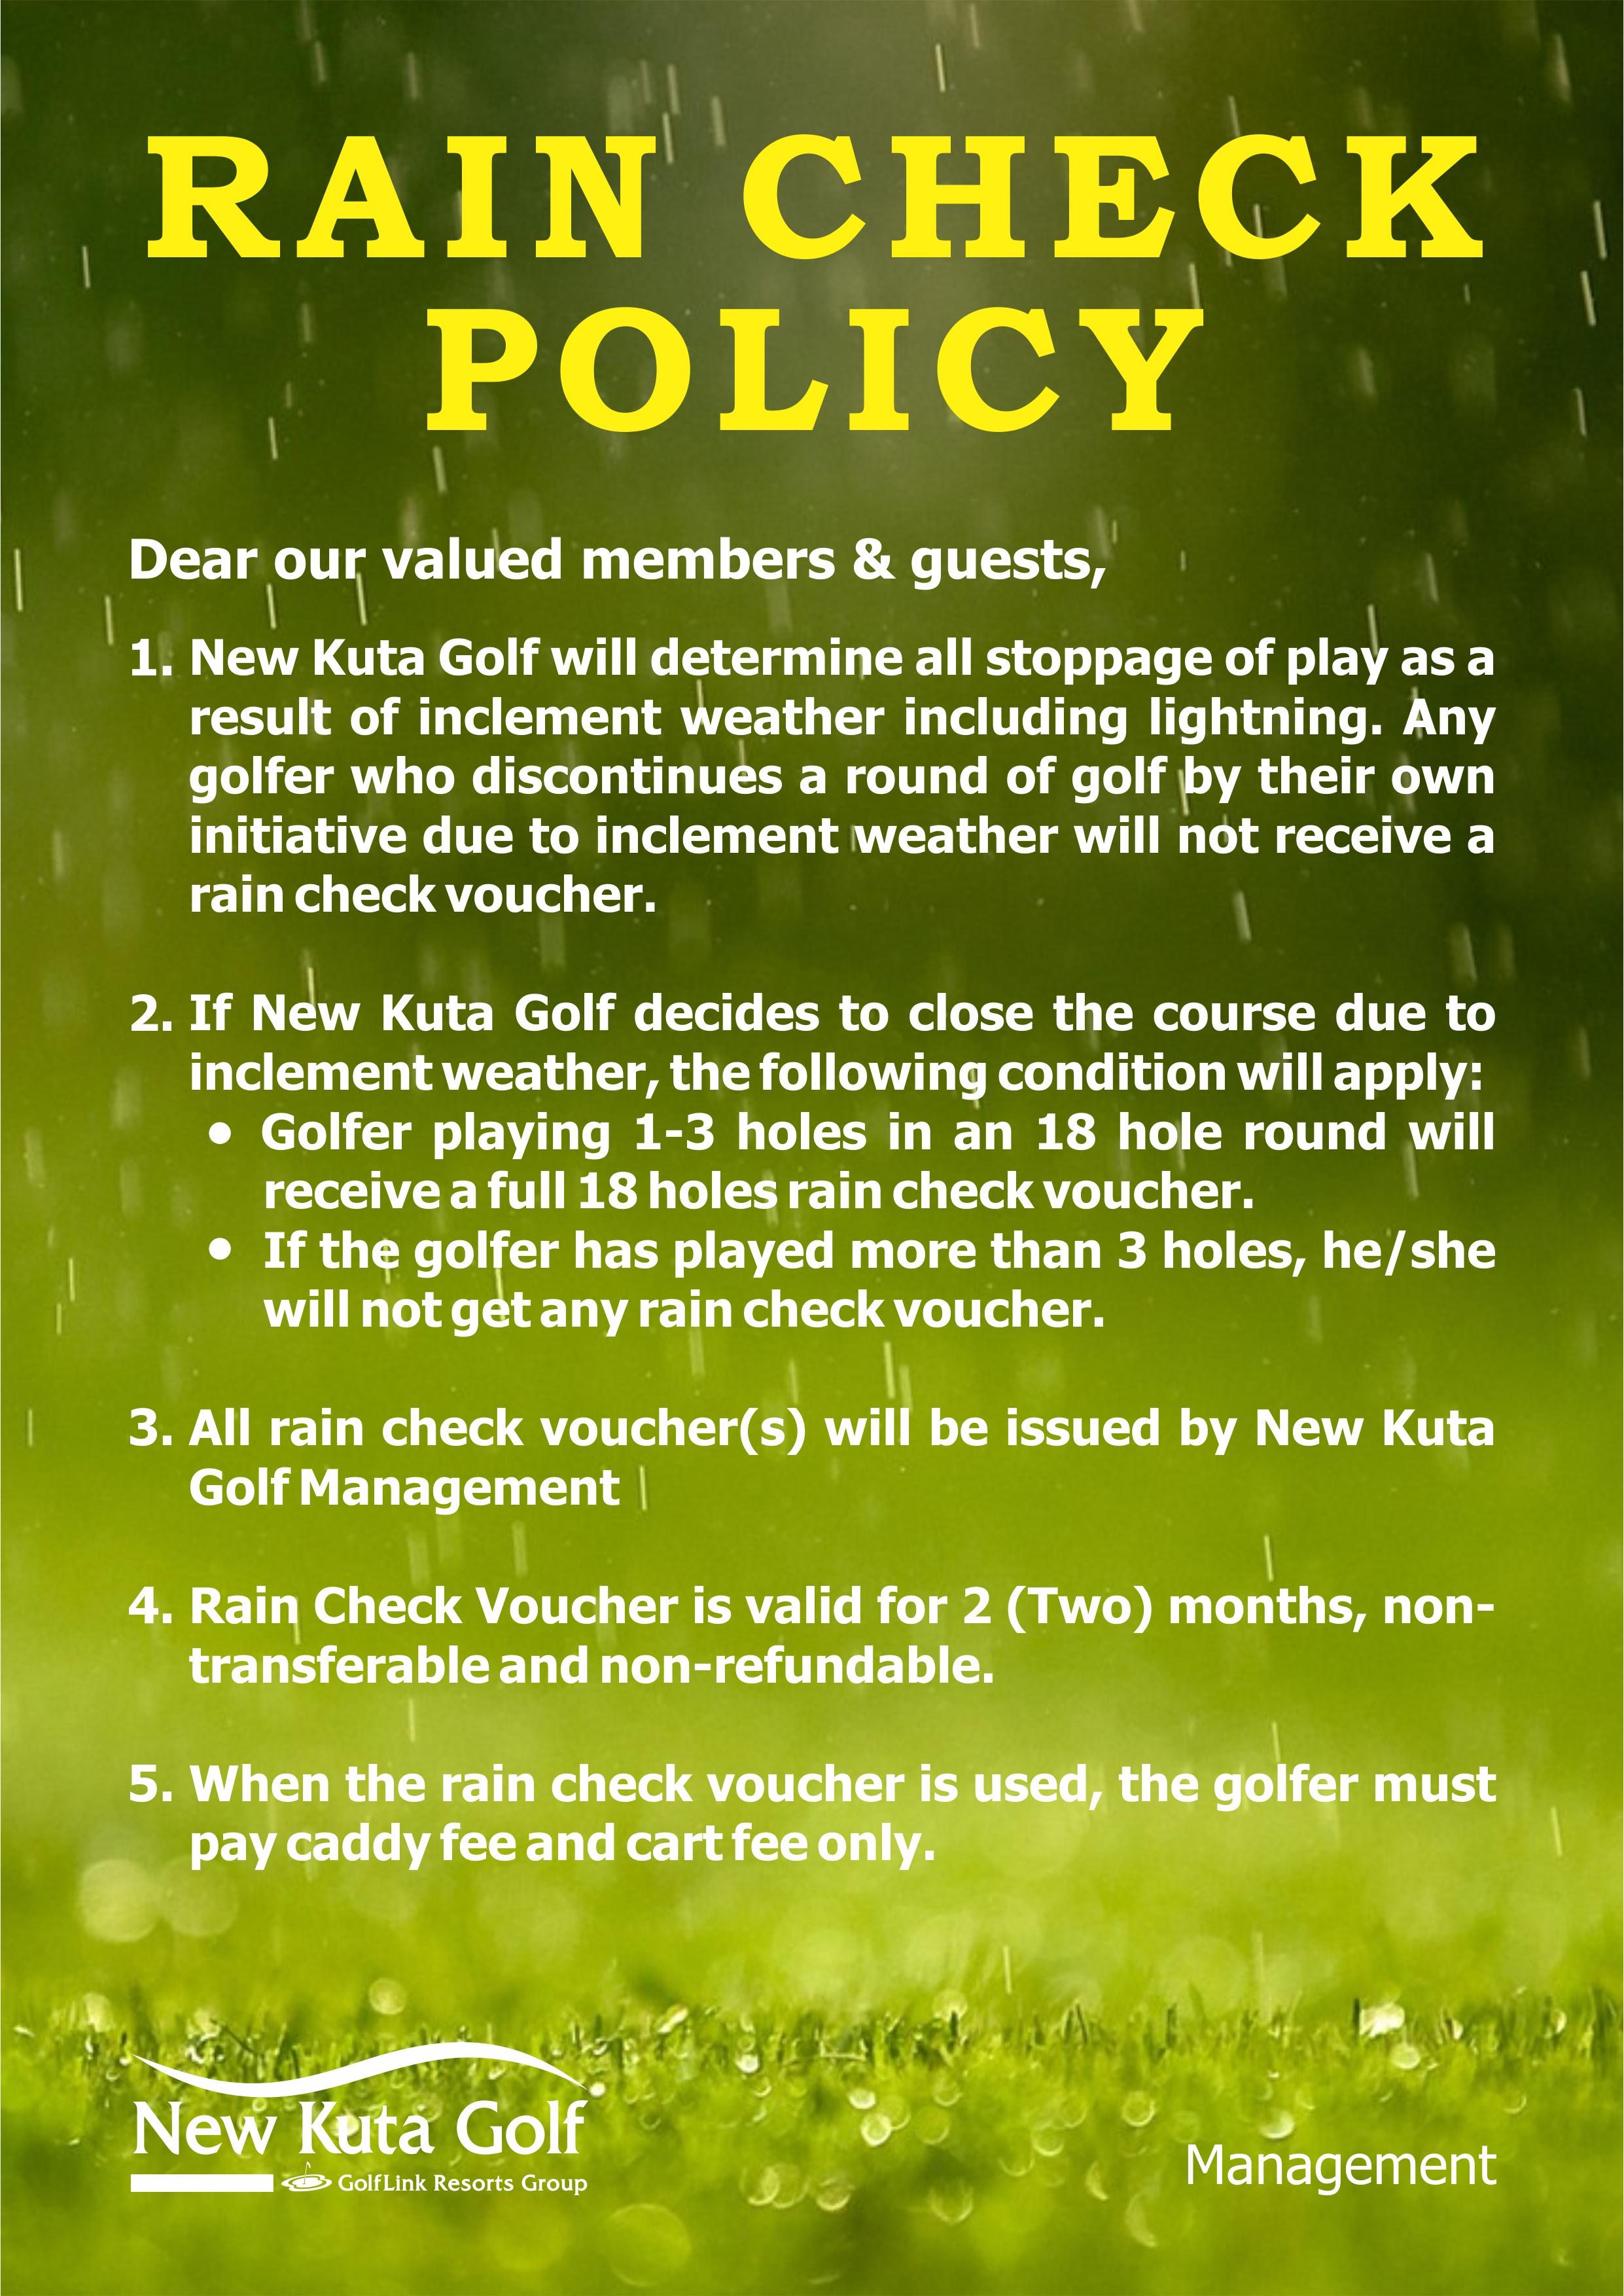 Rain Check Policy